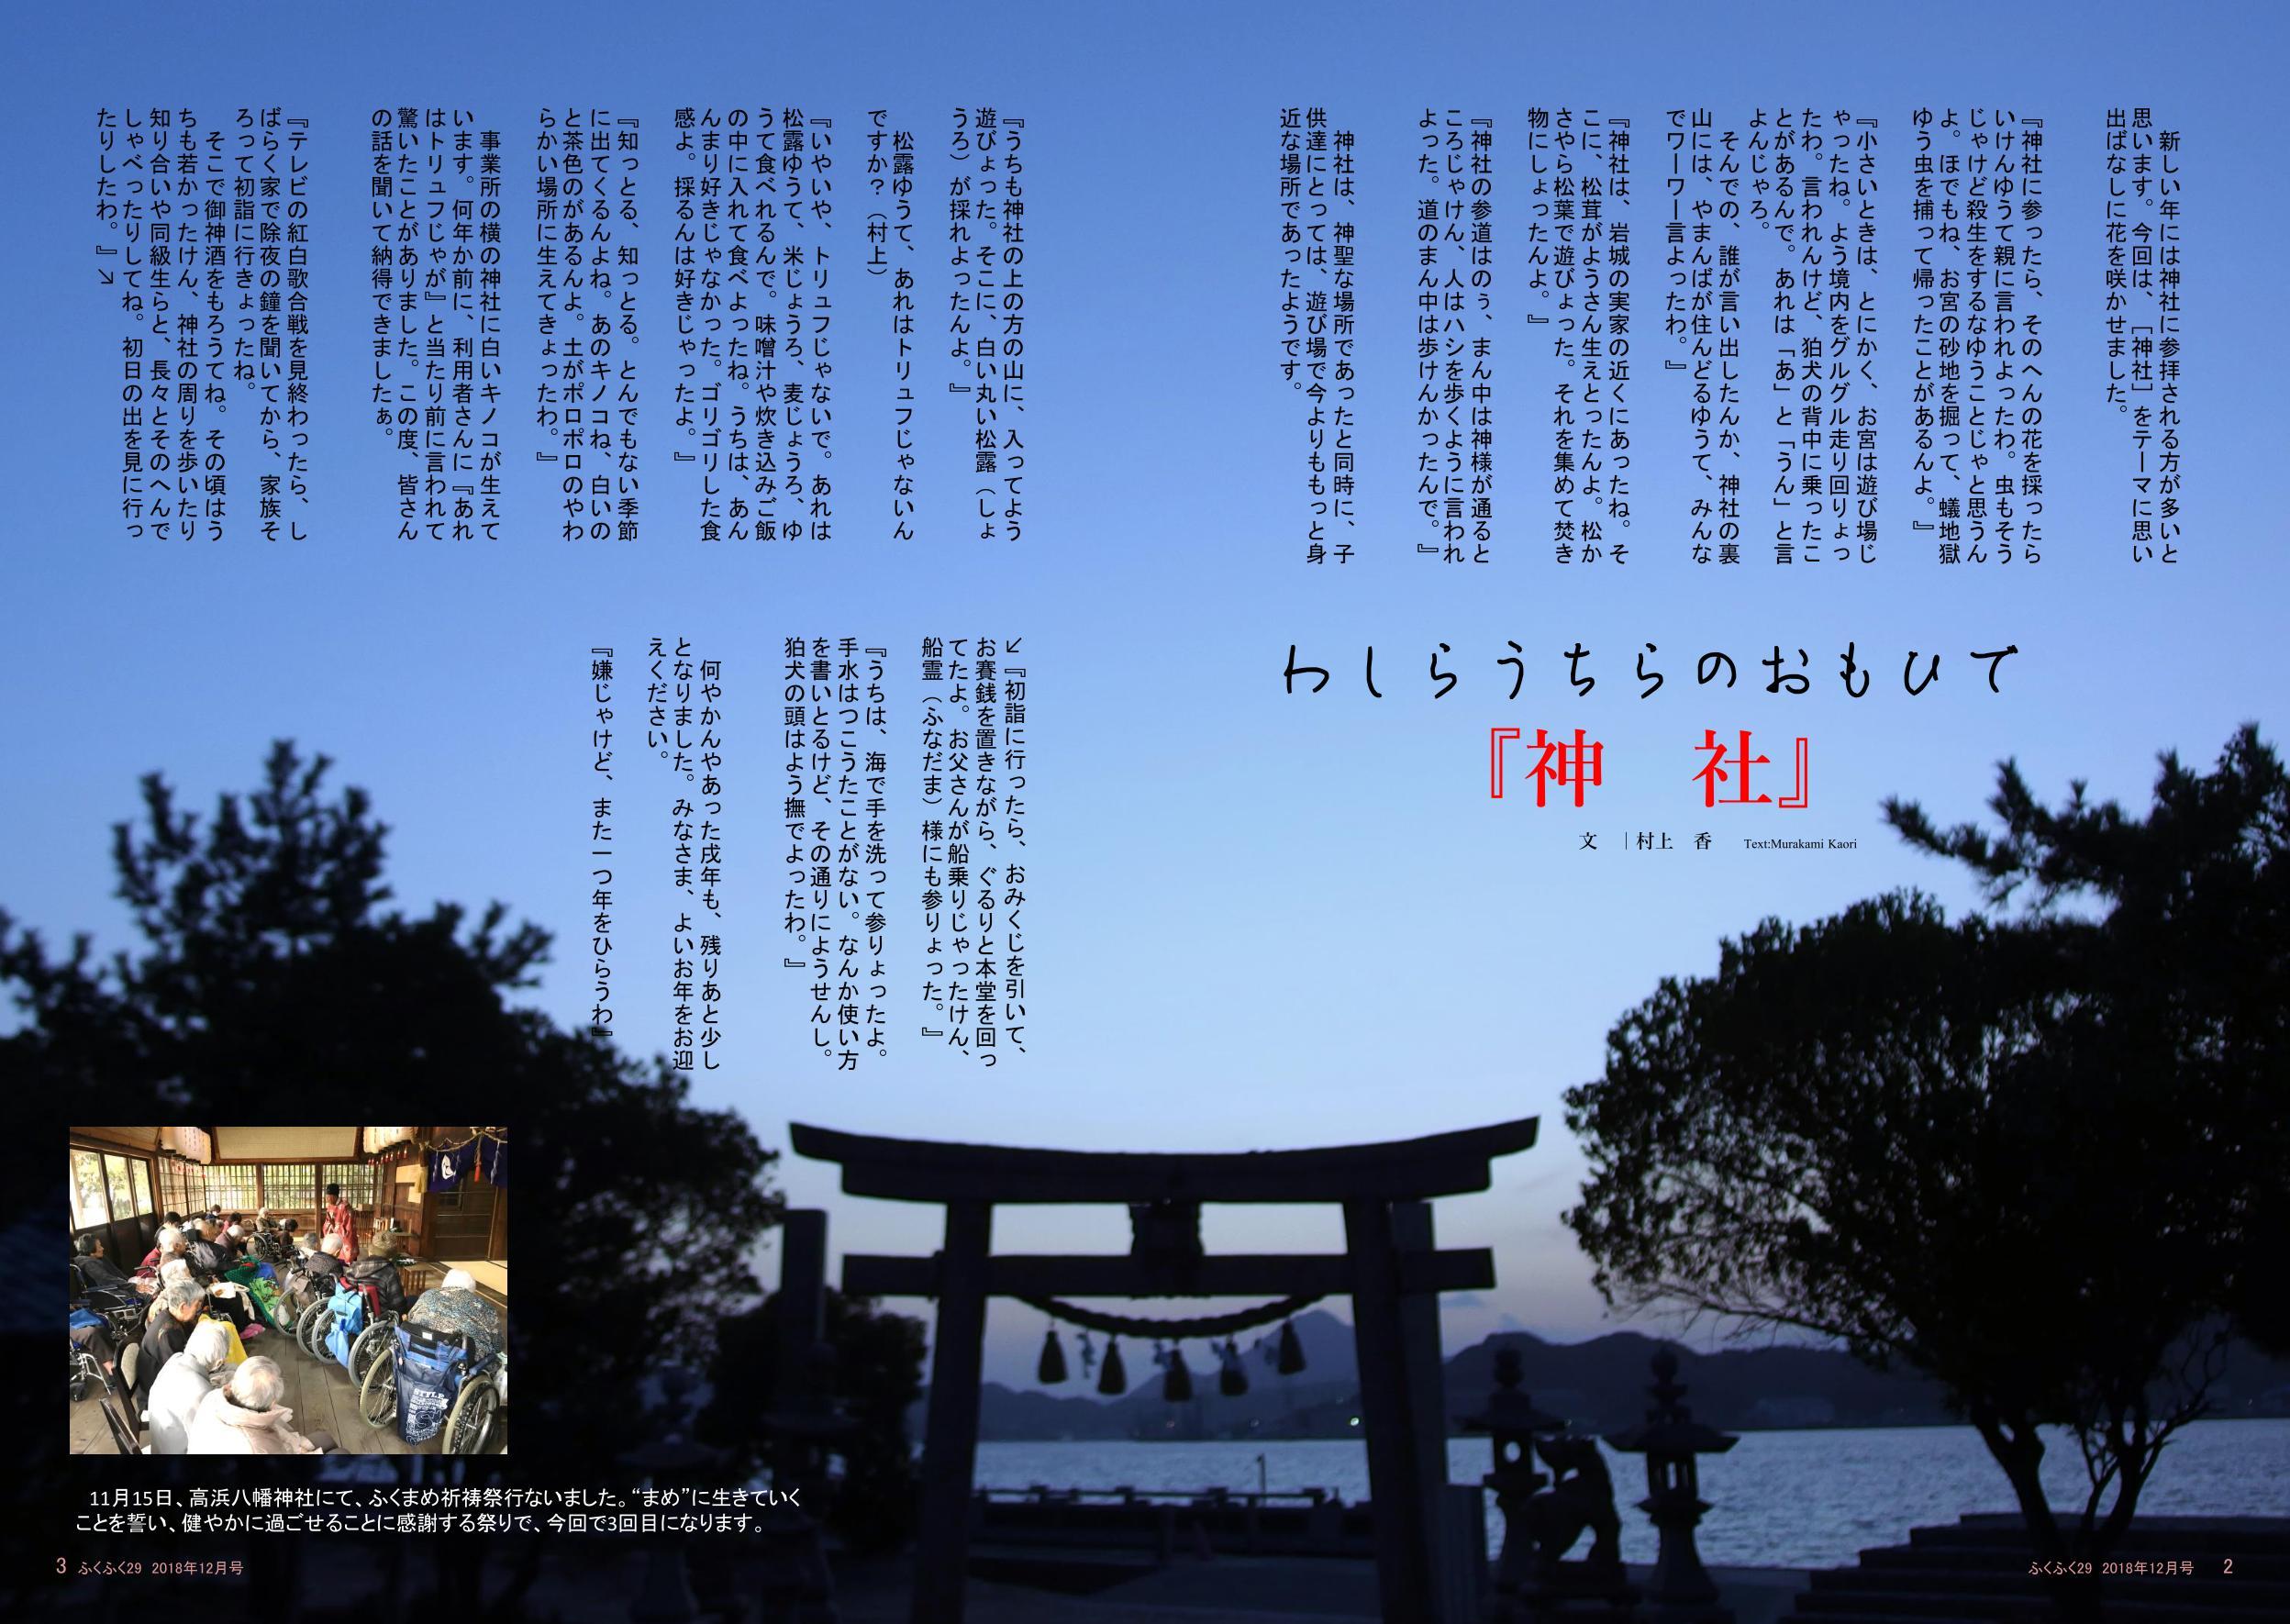 http://fukufukunokai.com/newsletter/images/12%E6%9C%88%E5%8F%B7%E5%85%A5%E7%A8%BF%E3%83%87%E3%83%BC%E3%82%BF_cropped_2.jpeg